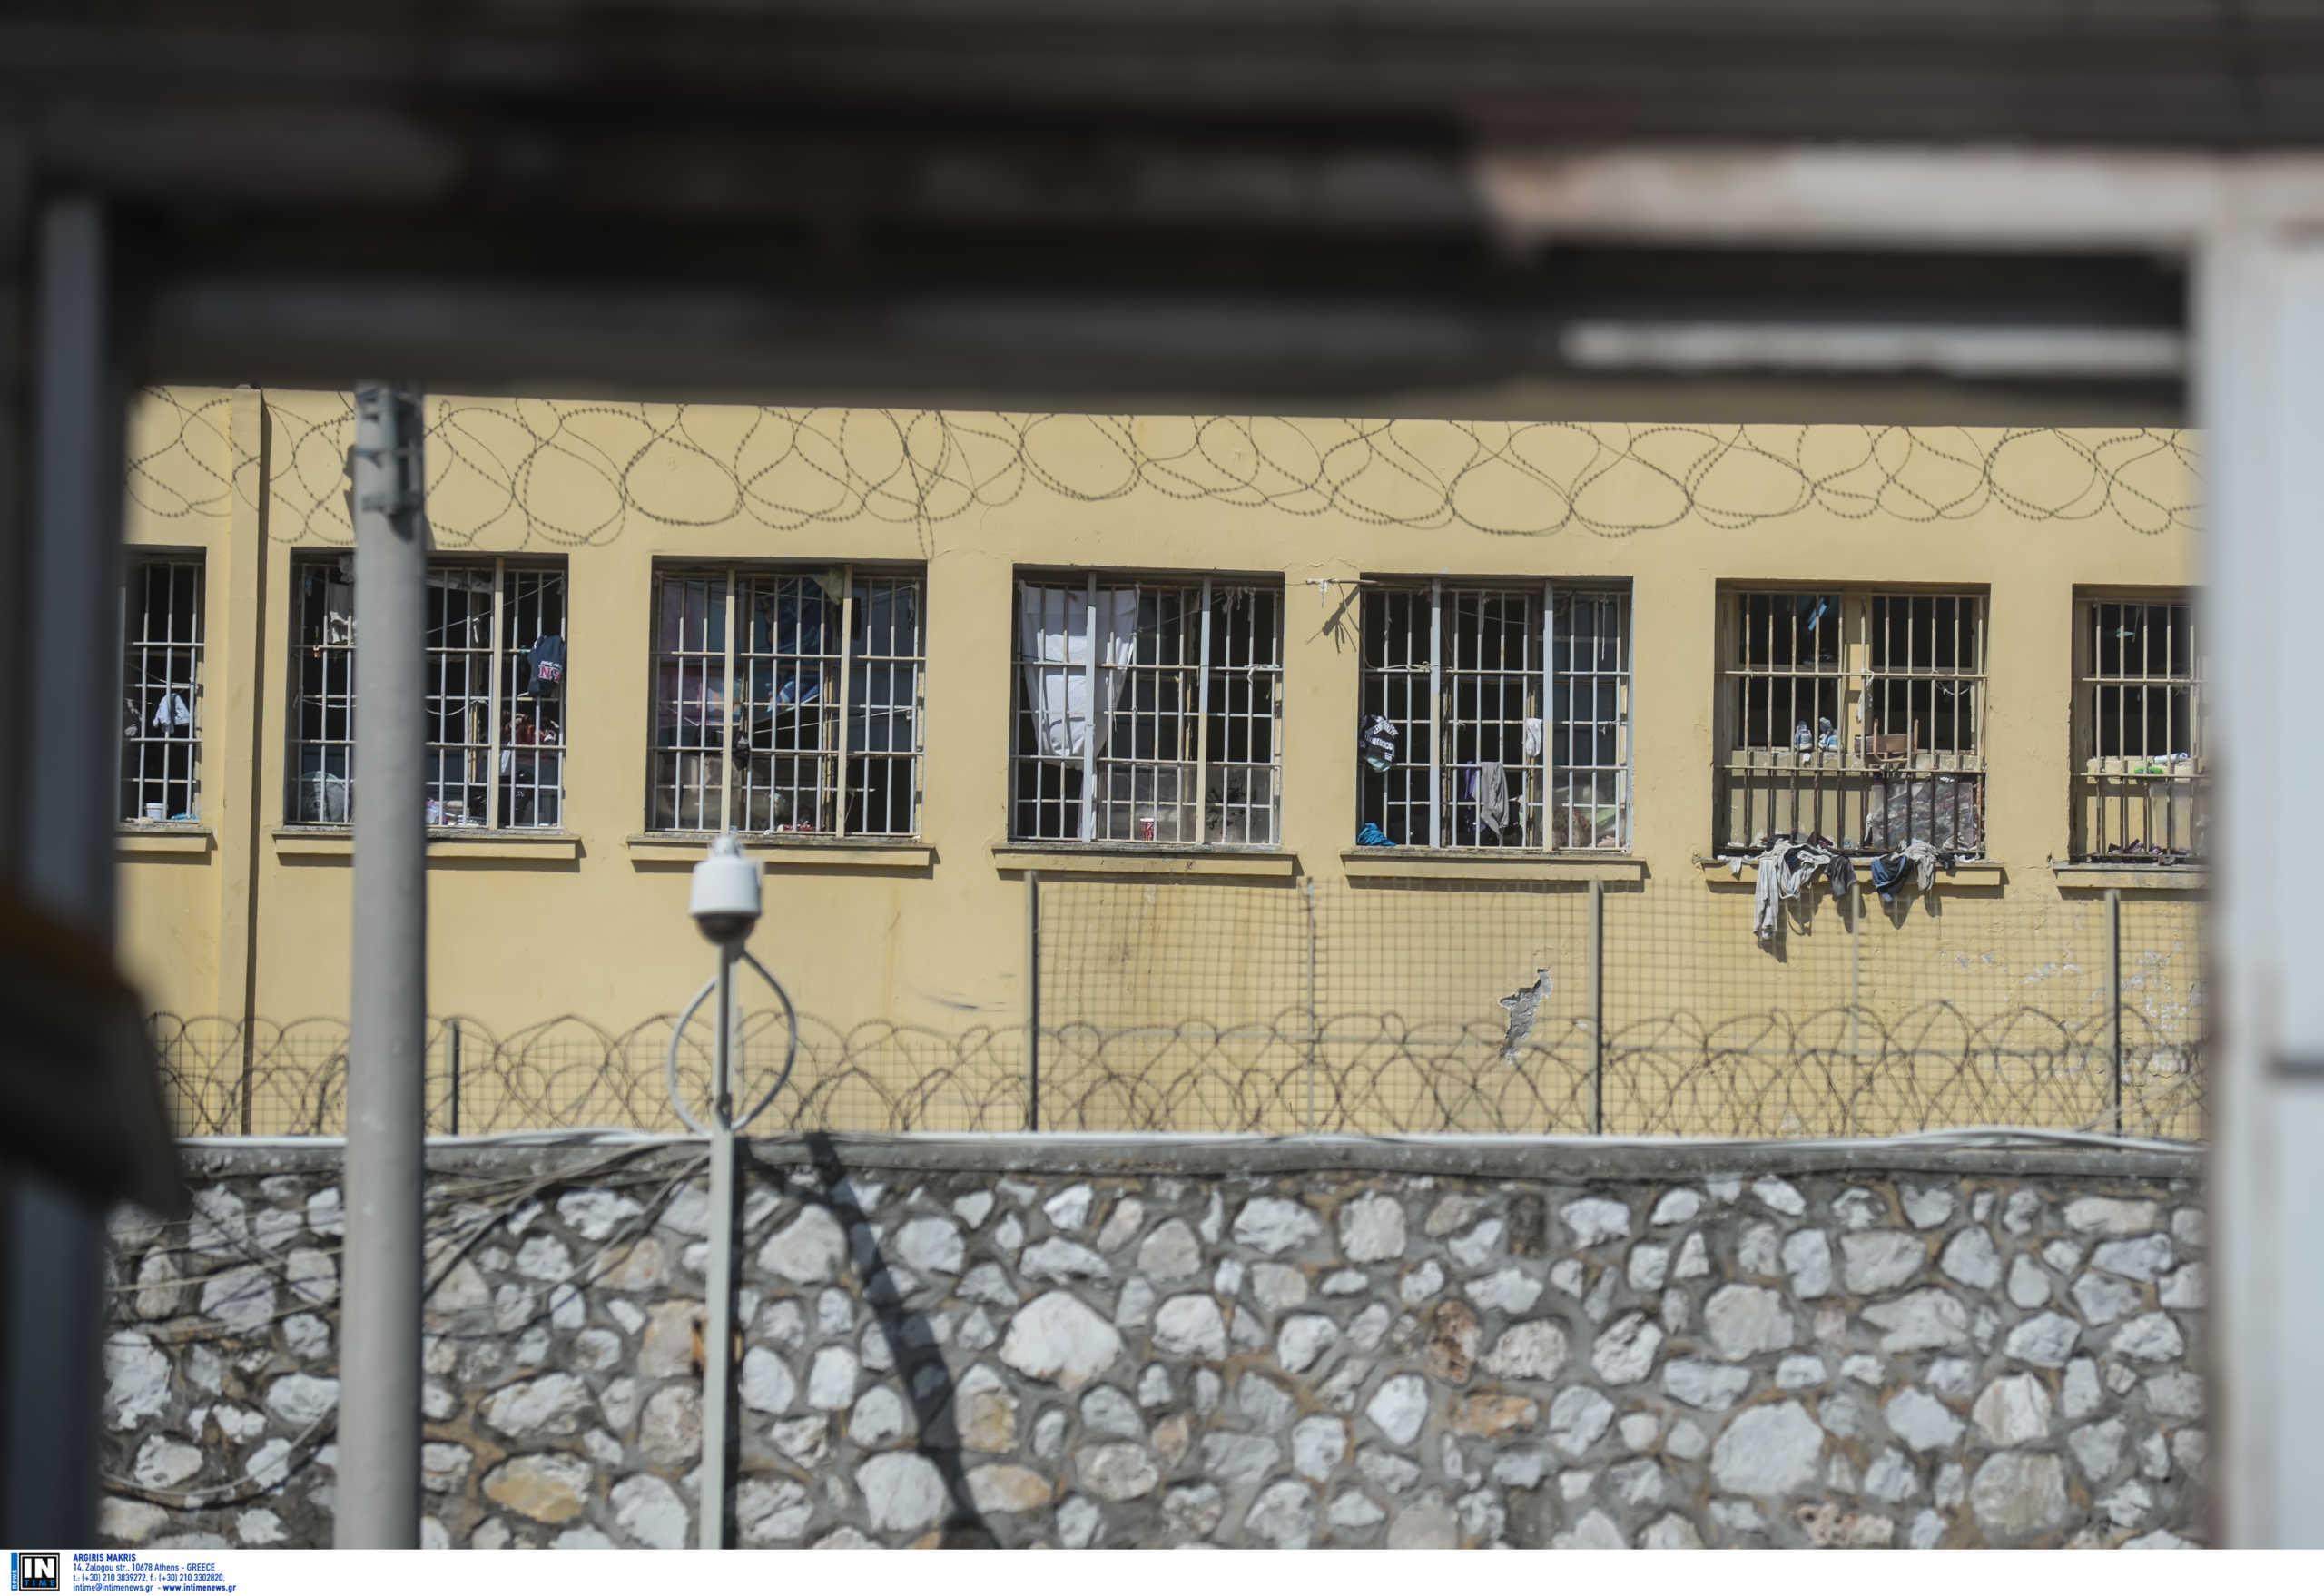 Απόδραση από τις φυλακές Κορυδαλλού για τον δολοφόνο επιχειρηματία! Το απίστευτο σχέδιο στα μαγειρεία